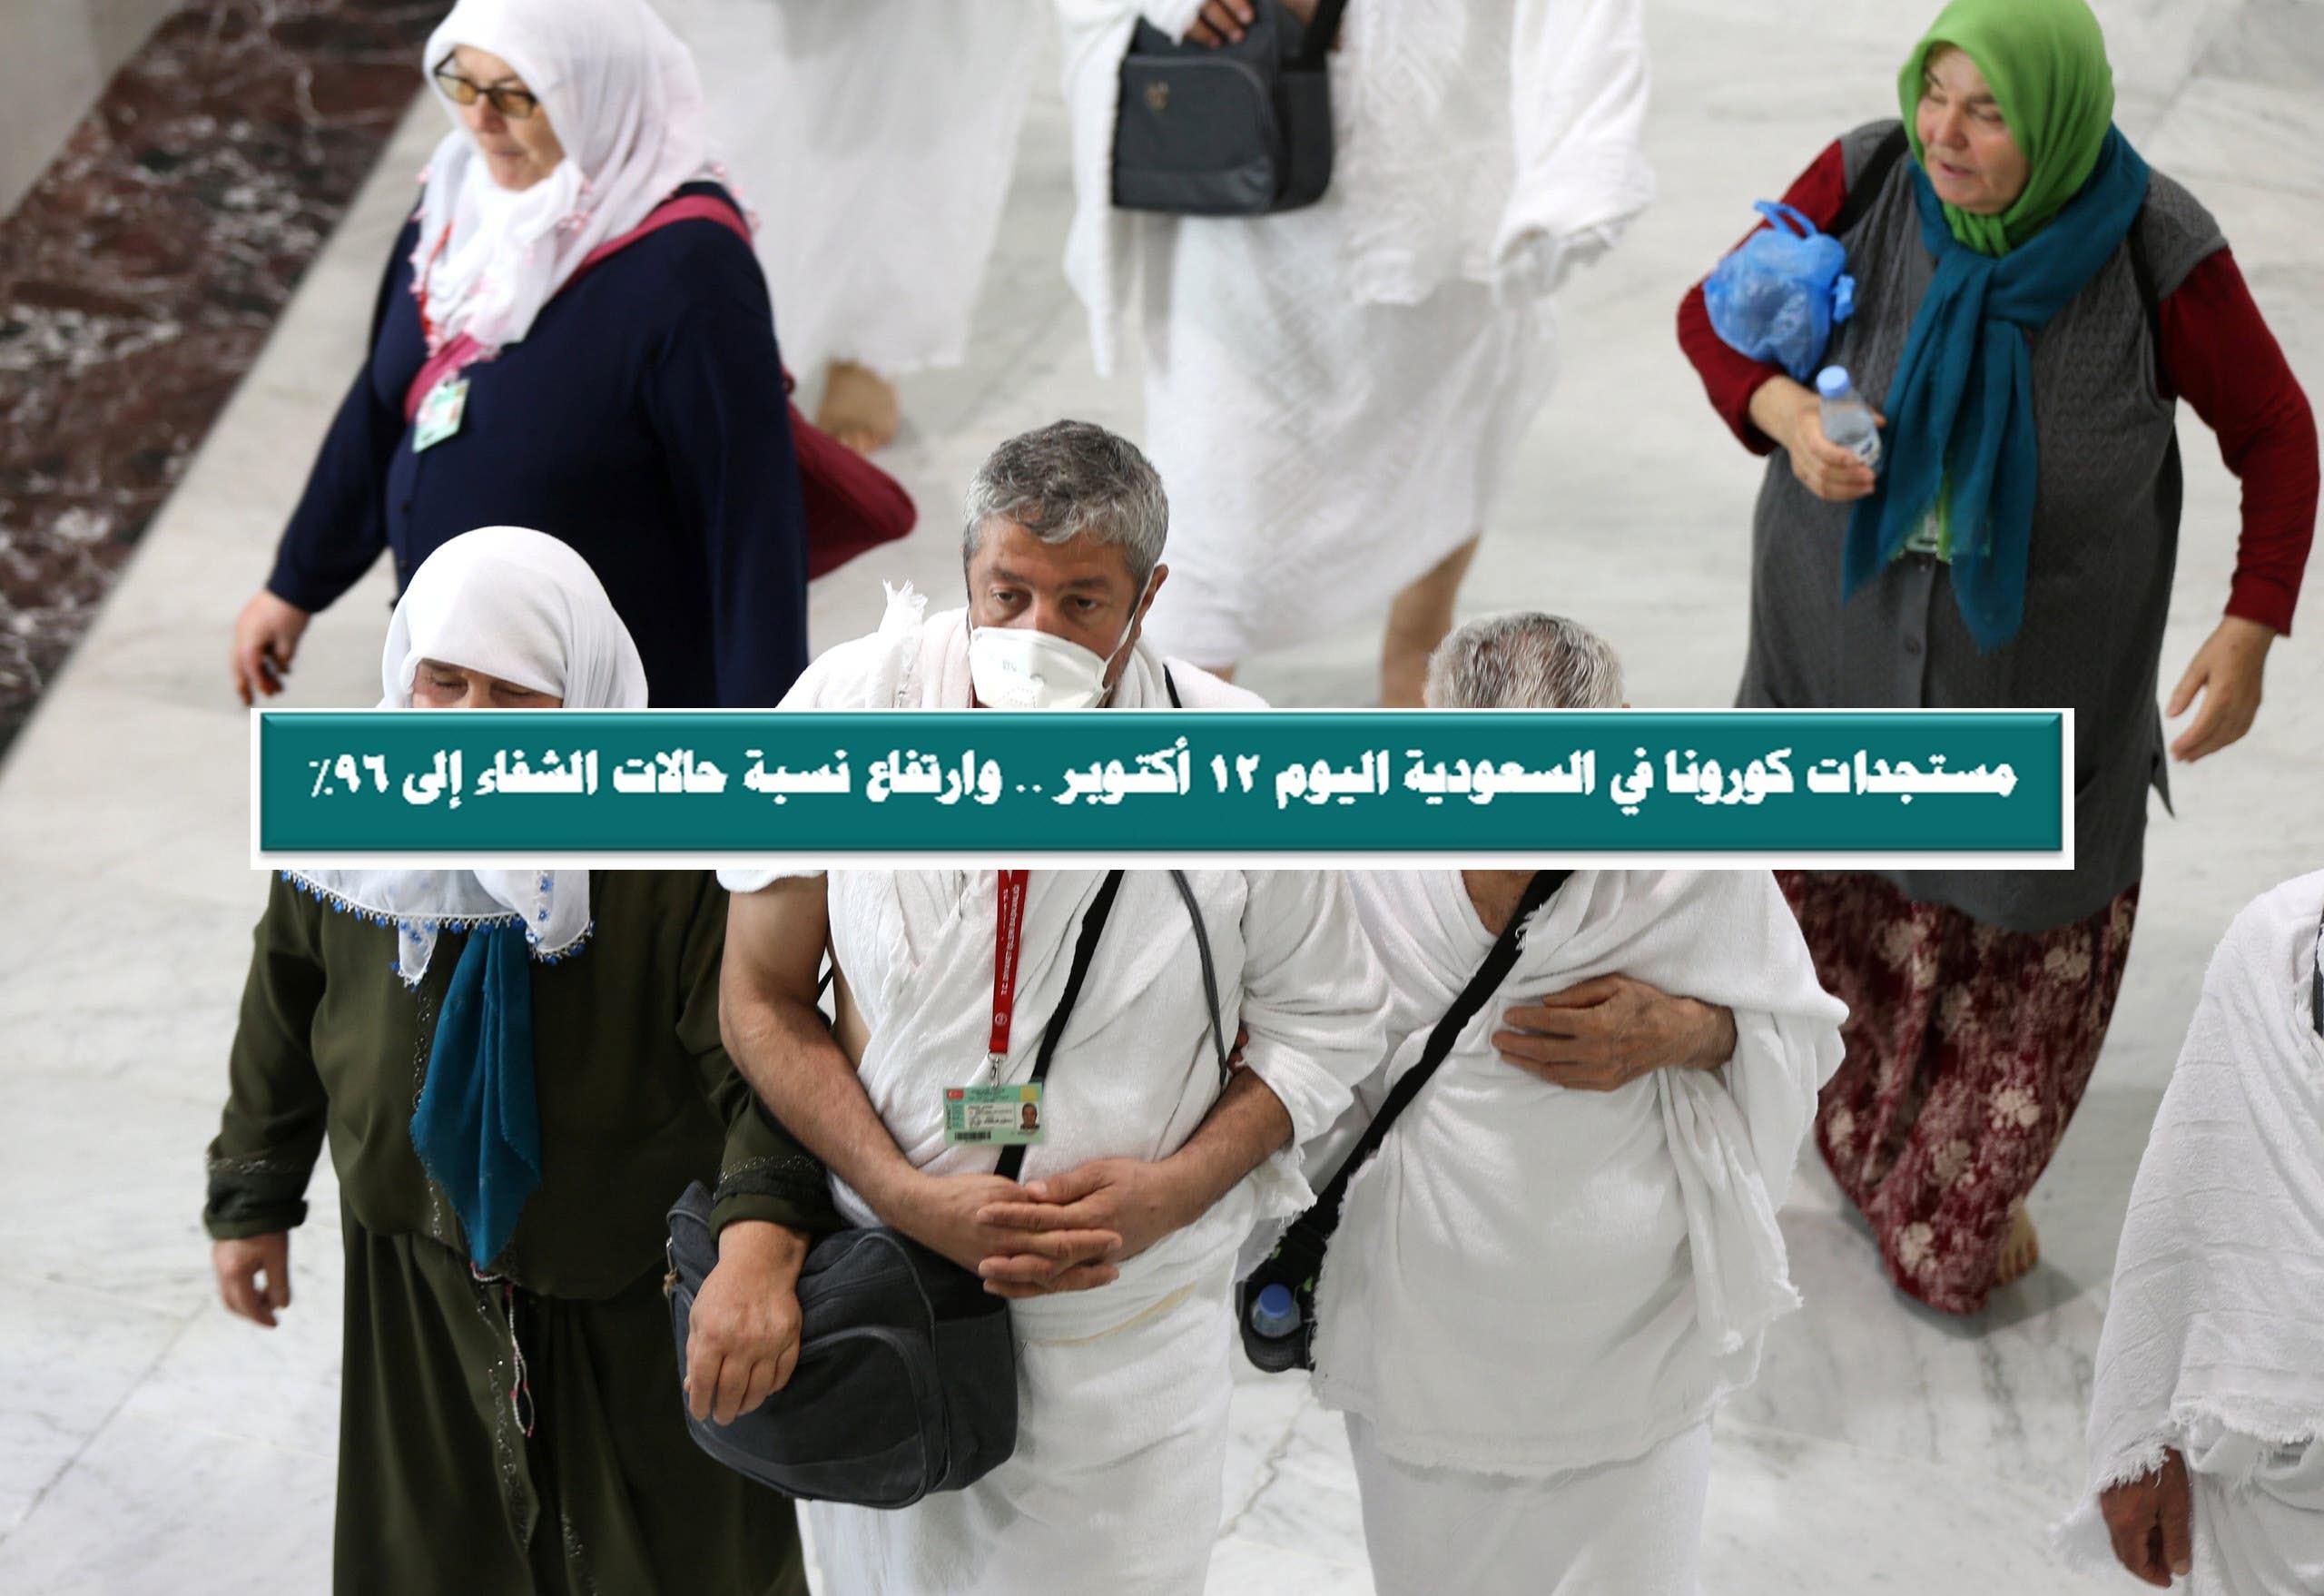 مستجدات كورونا في السعودية 12 أكتوبر .. وارتفاع نسبة حالات الشفاء إلى 96%